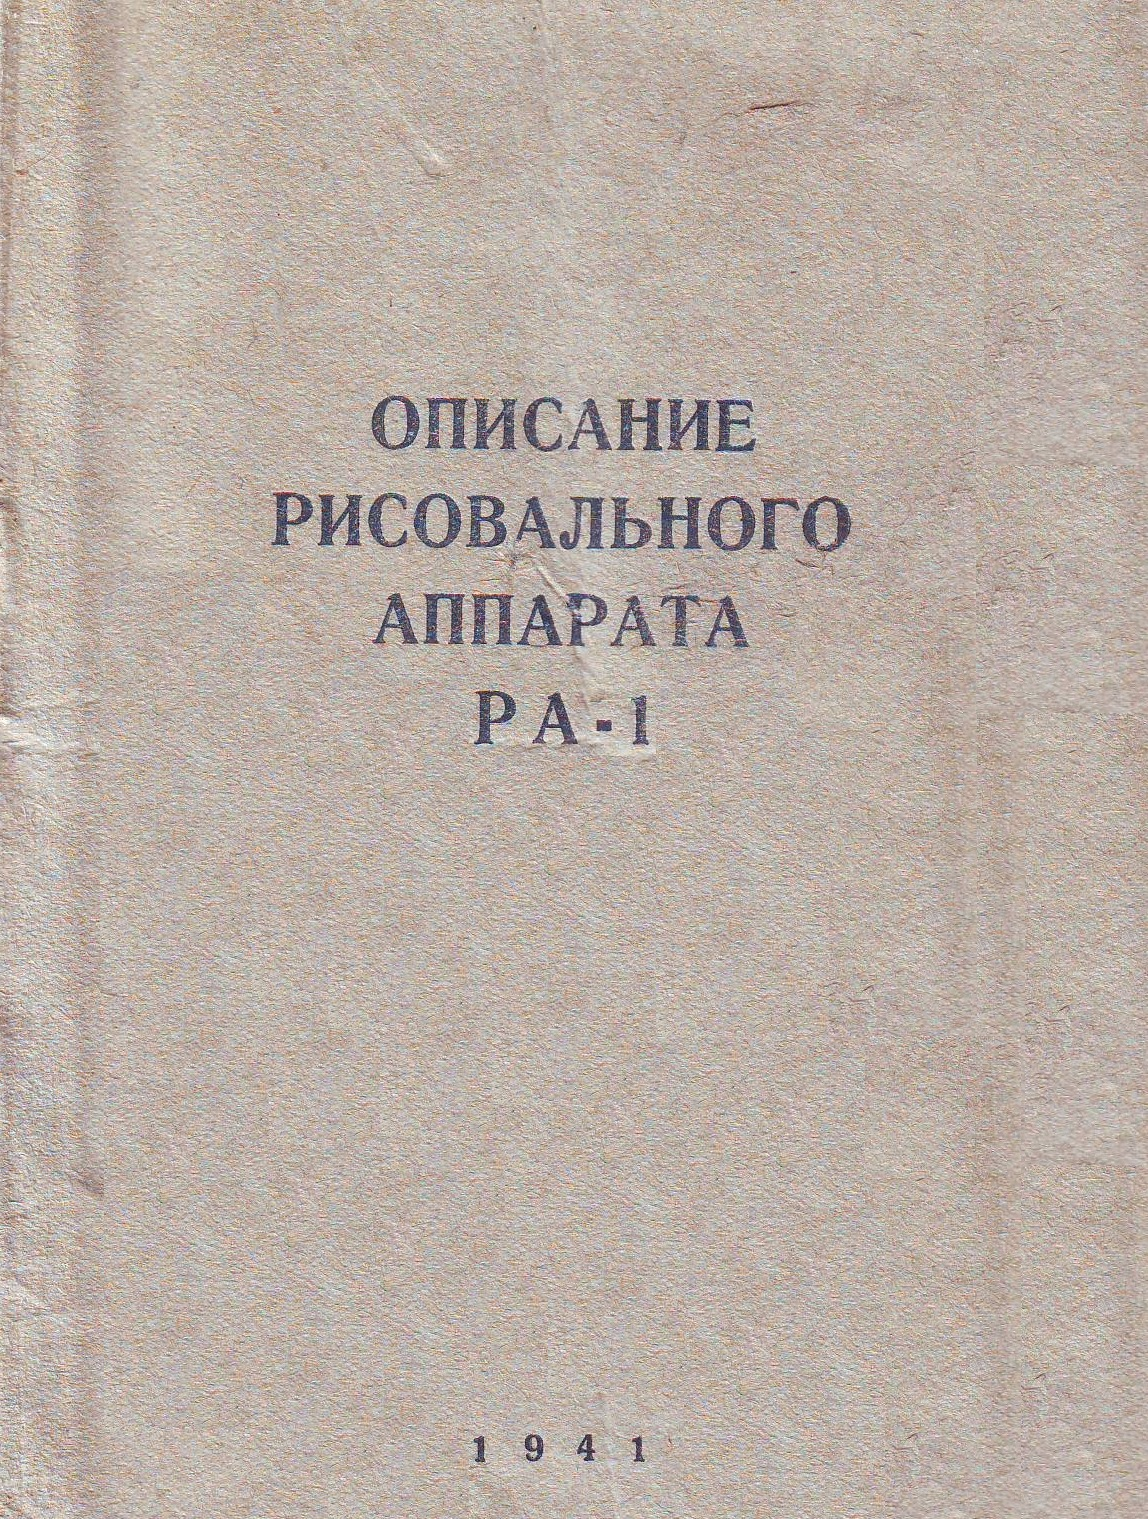 рисовальный аппарат ра-1 описание